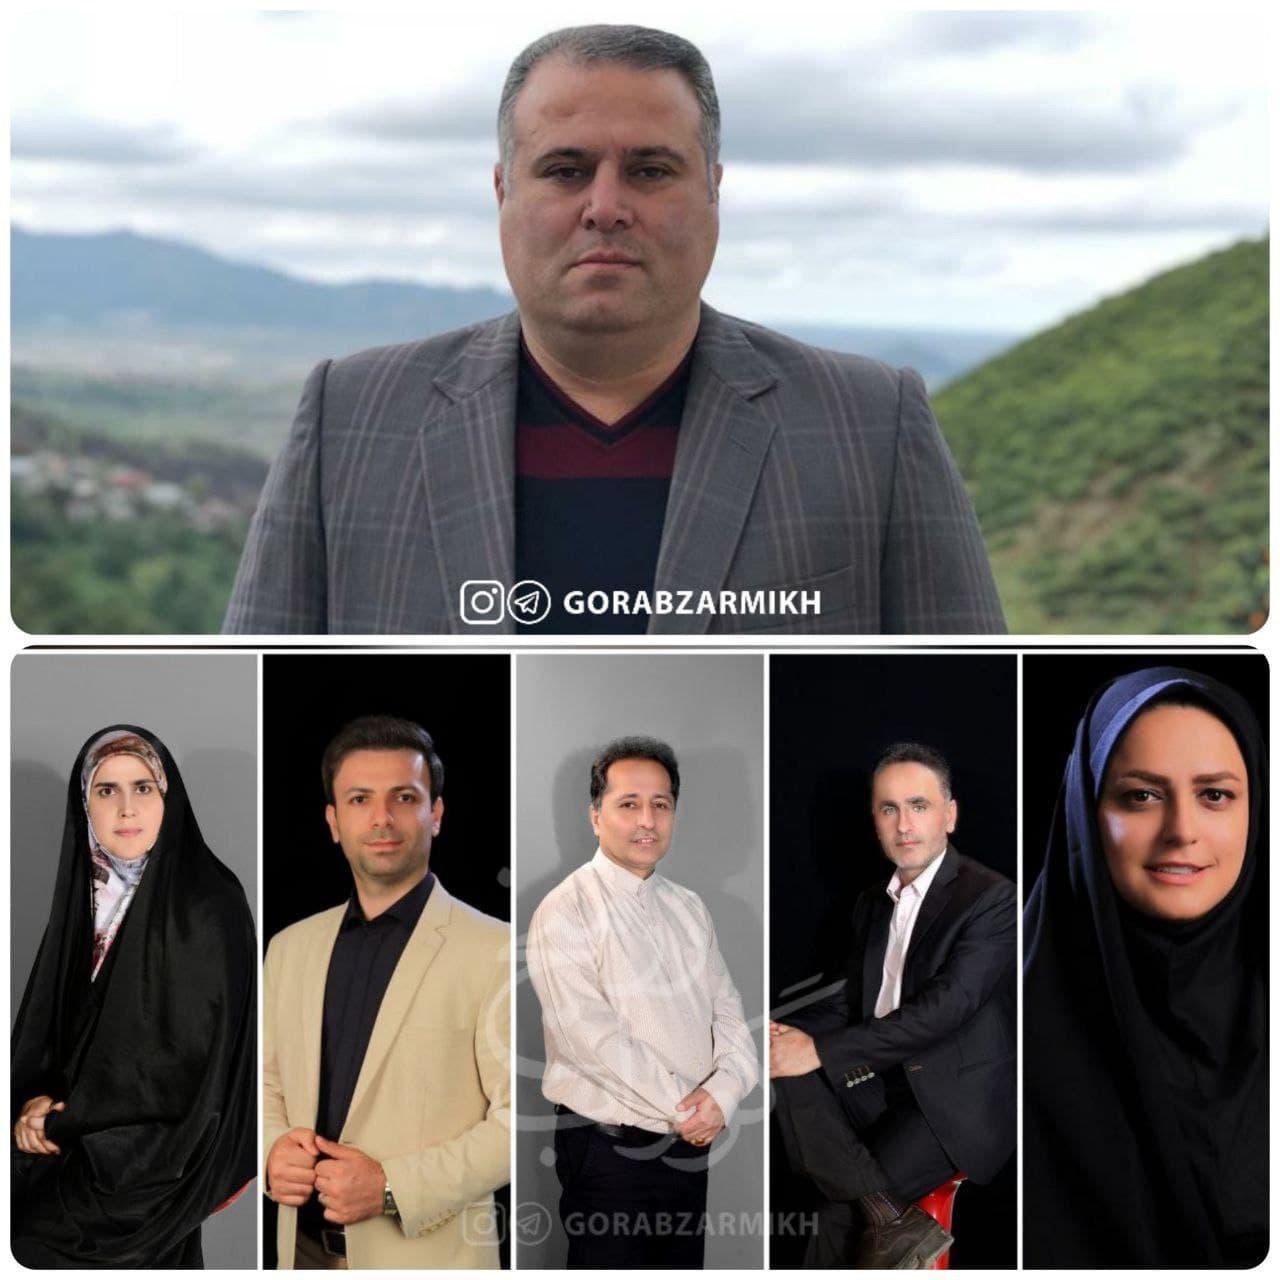 شهردار گوراب زرمیخ انتخاب شد